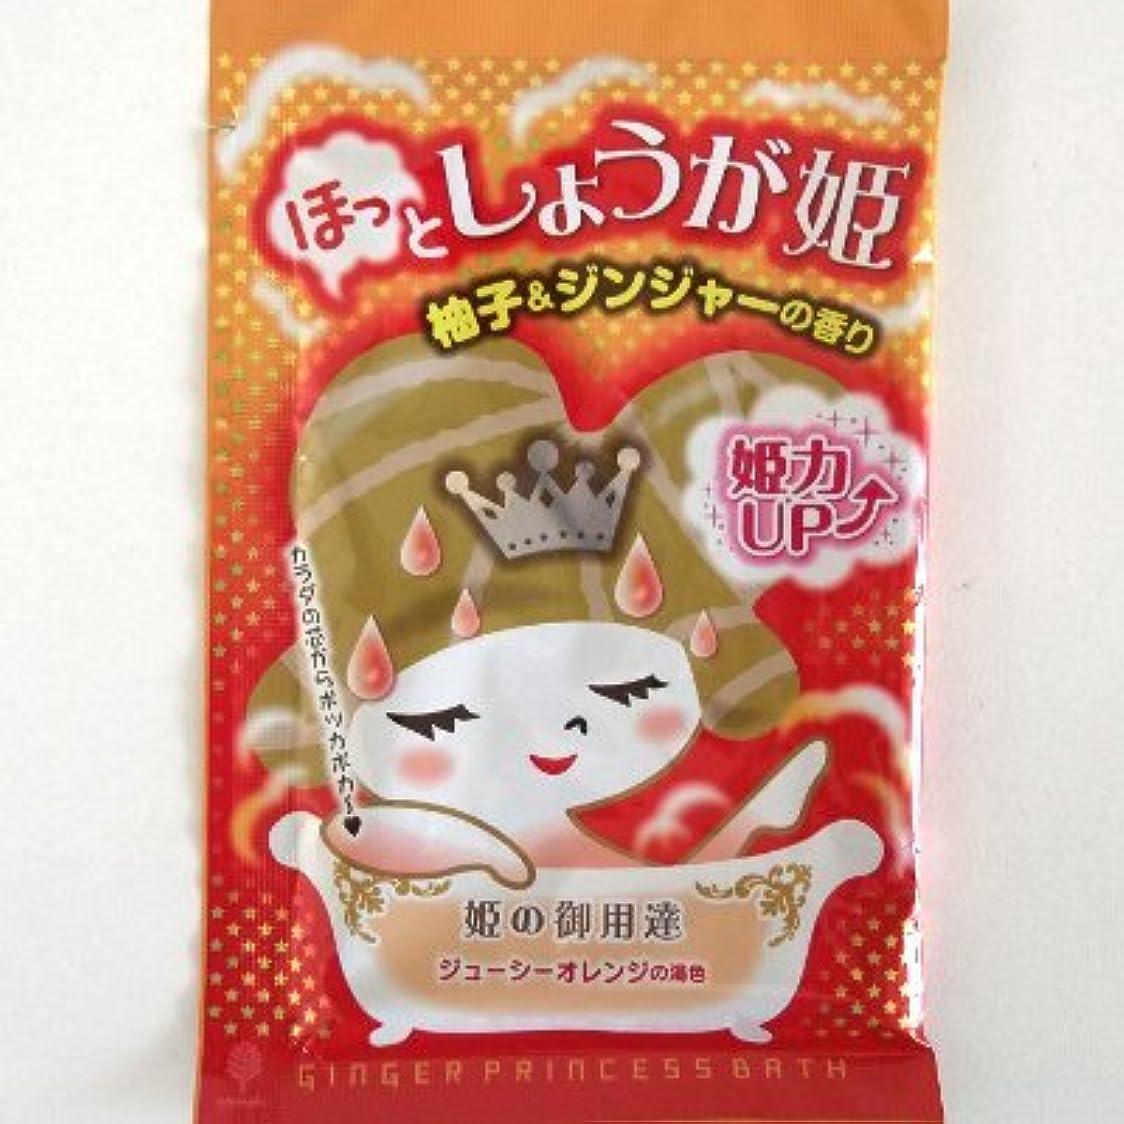 レーザ丈夫前紀陽除虫菊 ほっとしょうが姫 柚子&ジンジャーの香り【まとめ買い12個セット】 N-8400